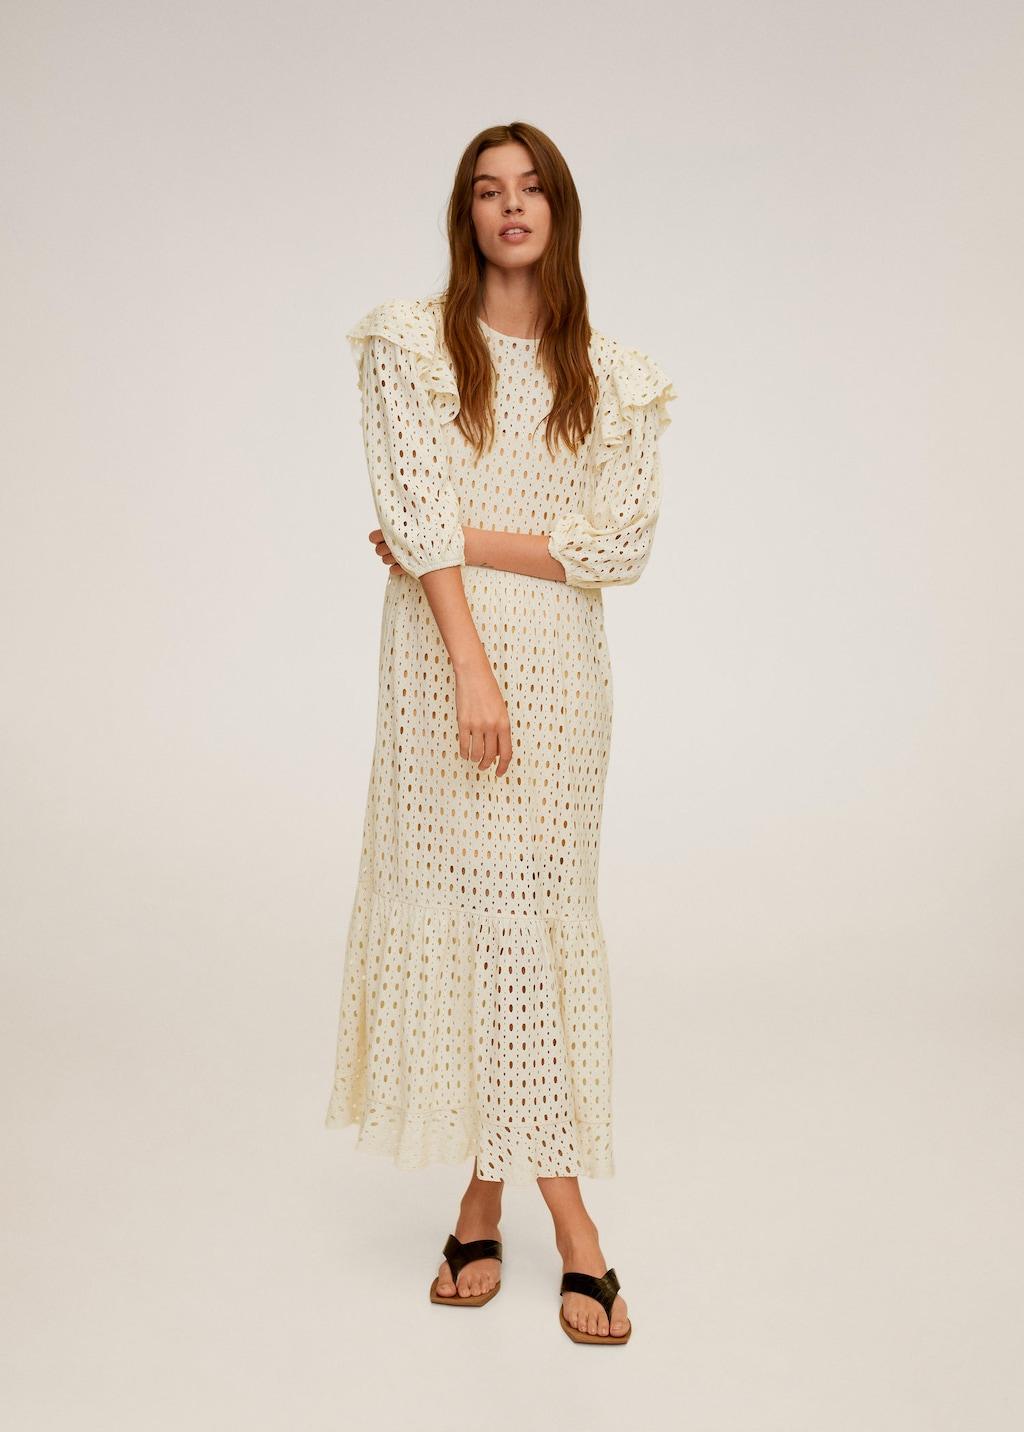 New Dresses for Spring 2020